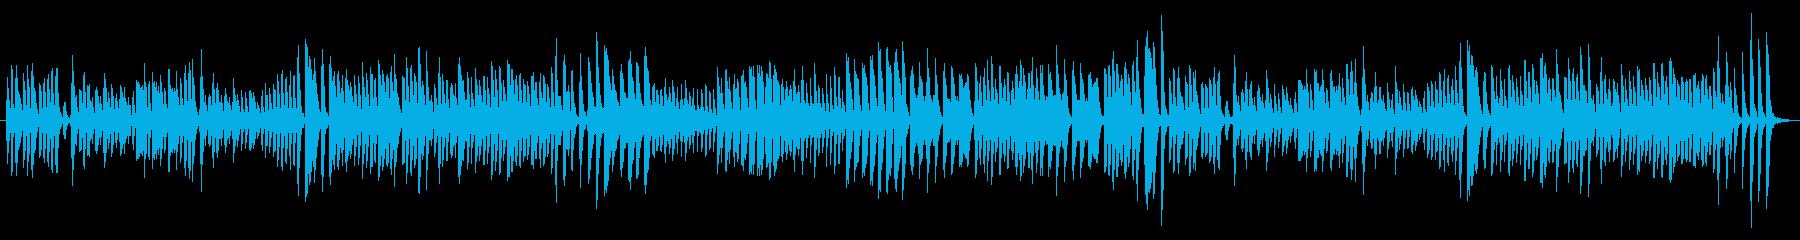 クシコスポスト ピアノ連弾の再生済みの波形